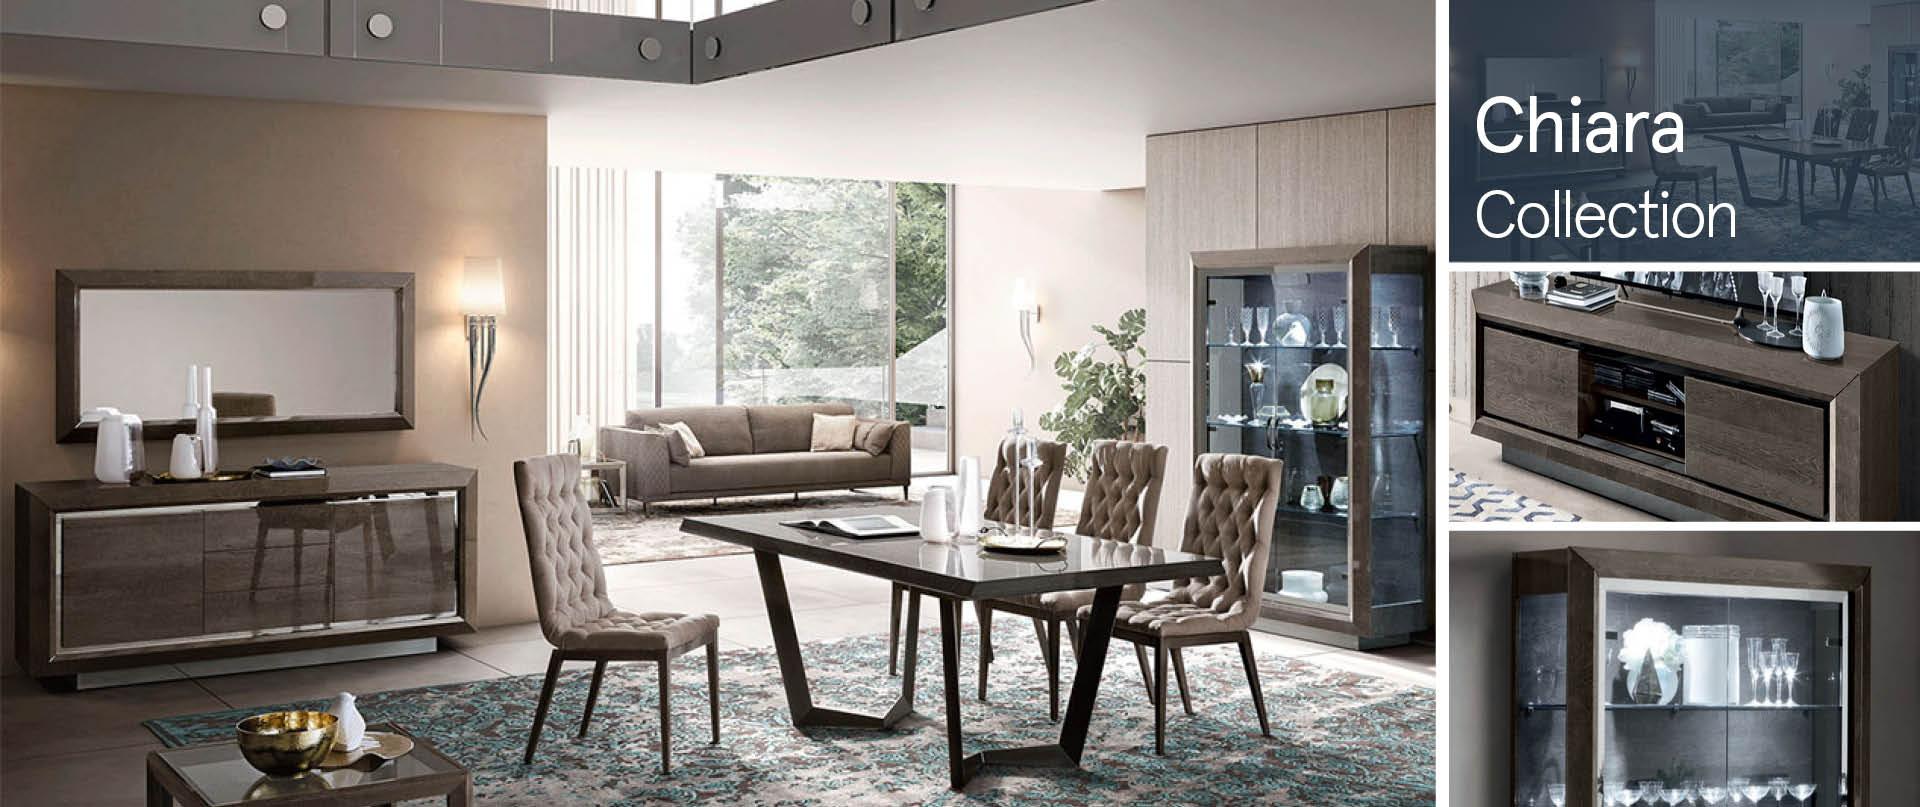 Chiara Dining Furniture Ranges